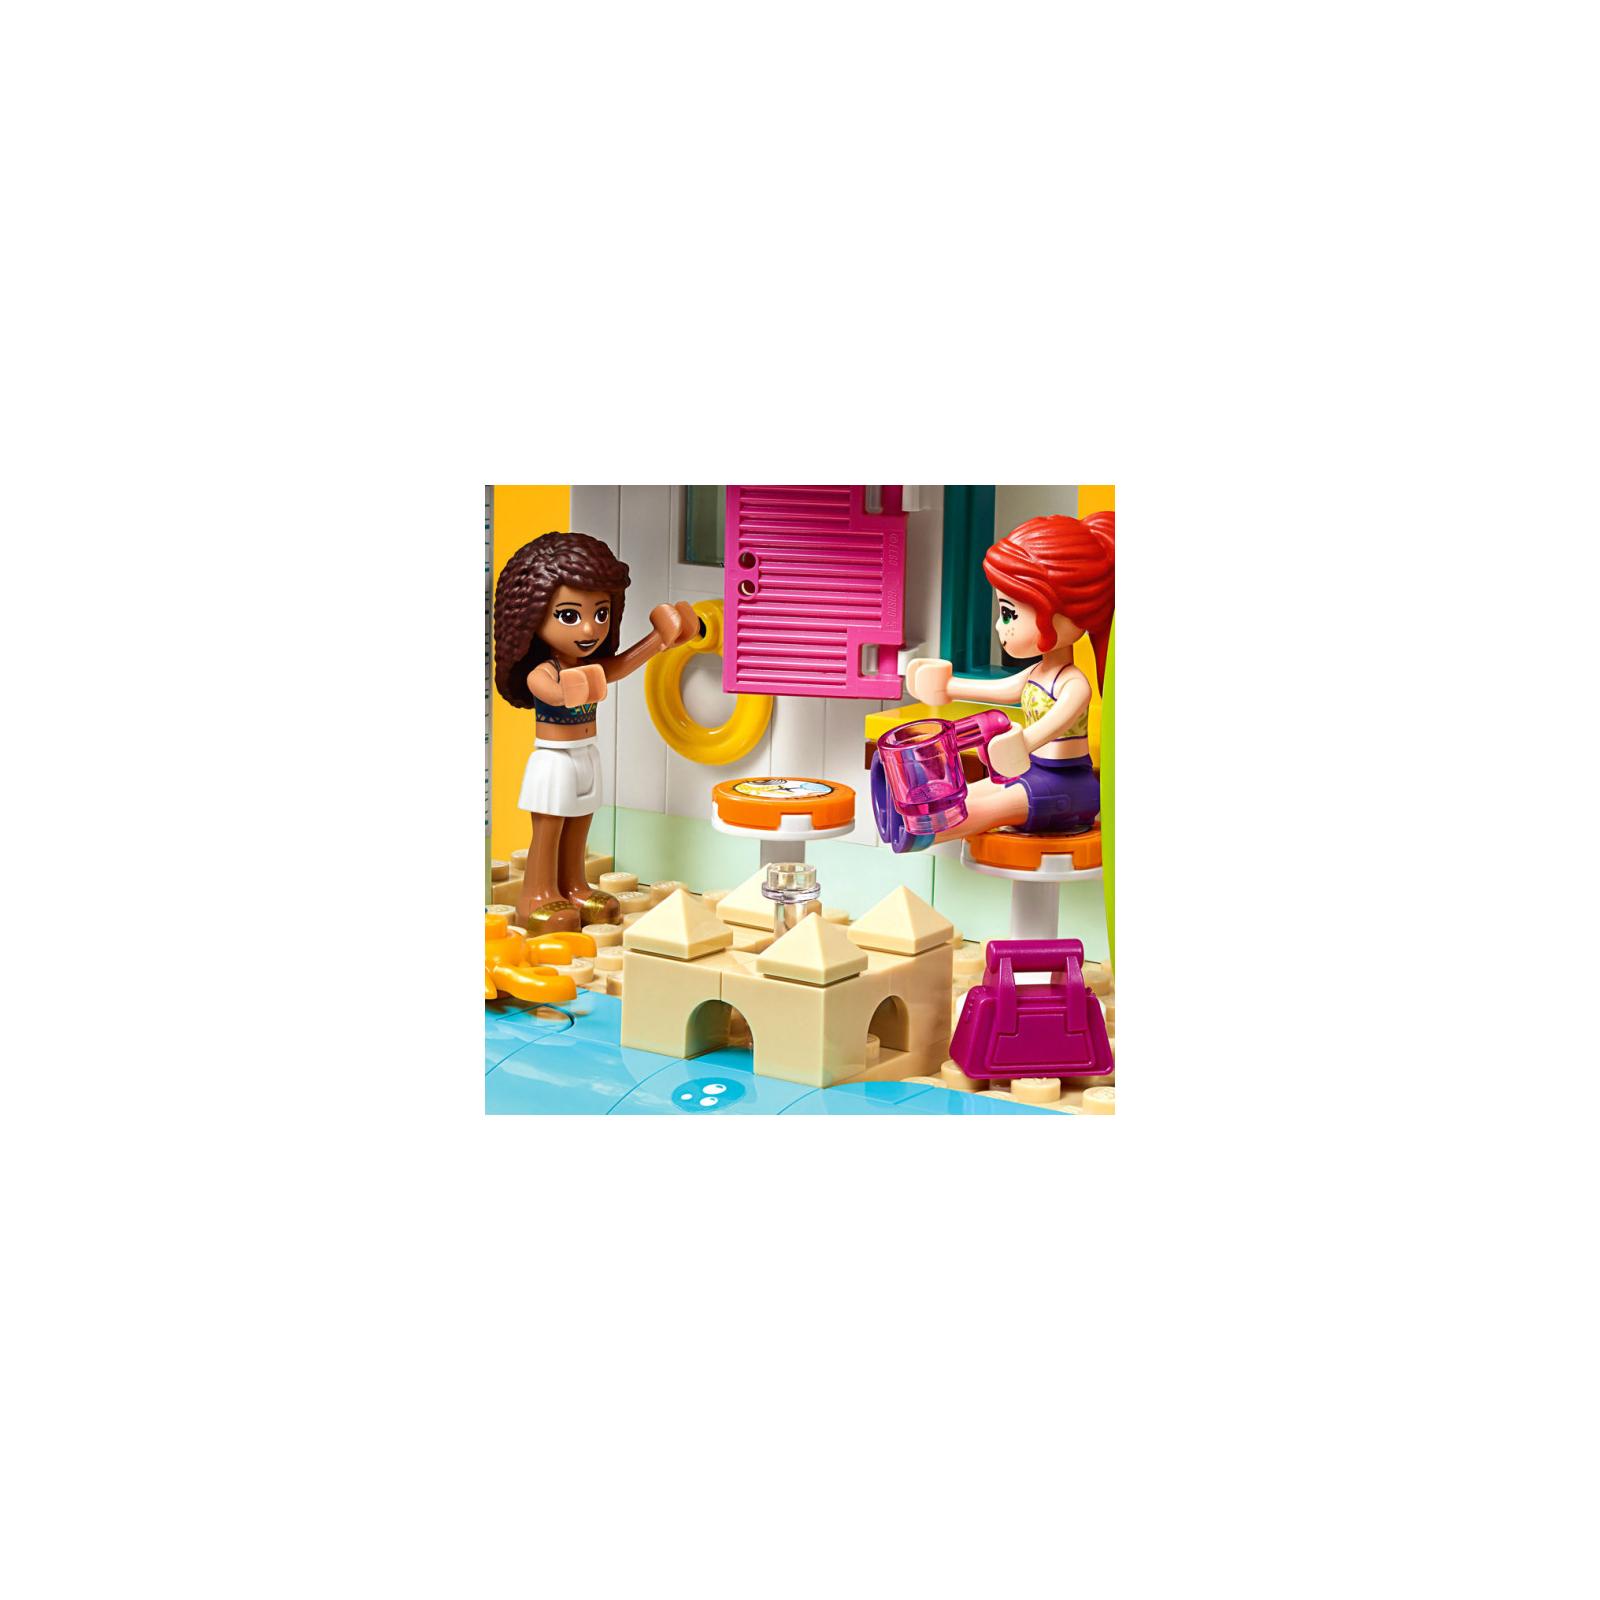 Конструктор LEGO Friends Пляжный домик 444 детали (41428) изображение 10